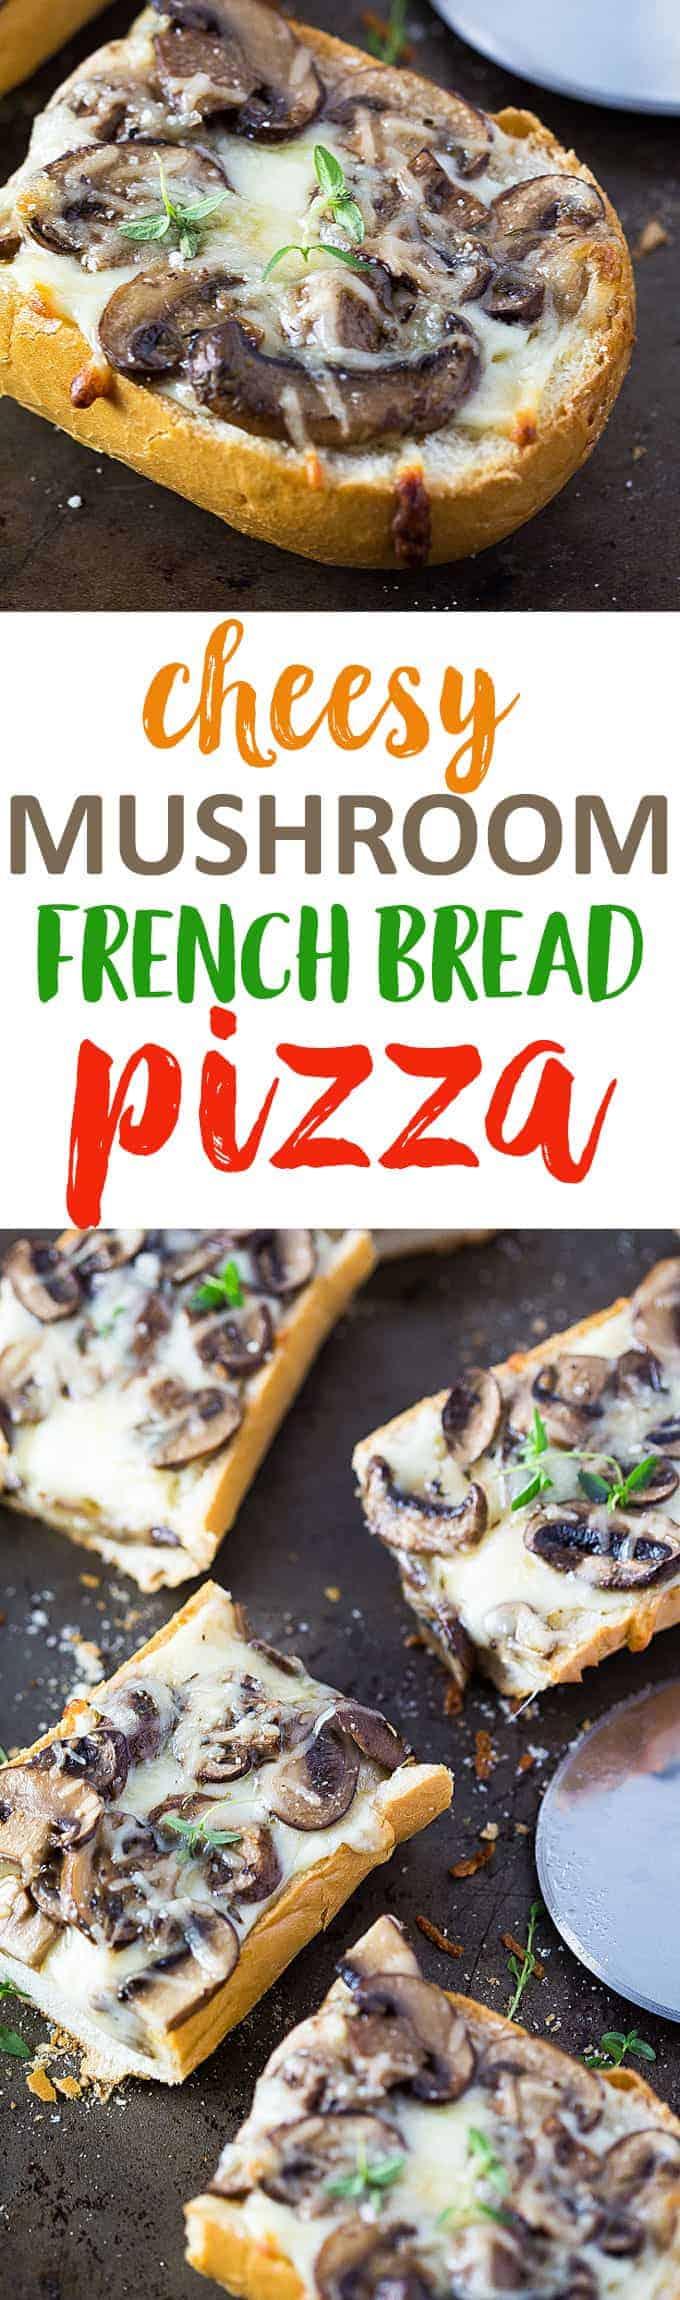 Cheesy Mushroom French Bread Pizza